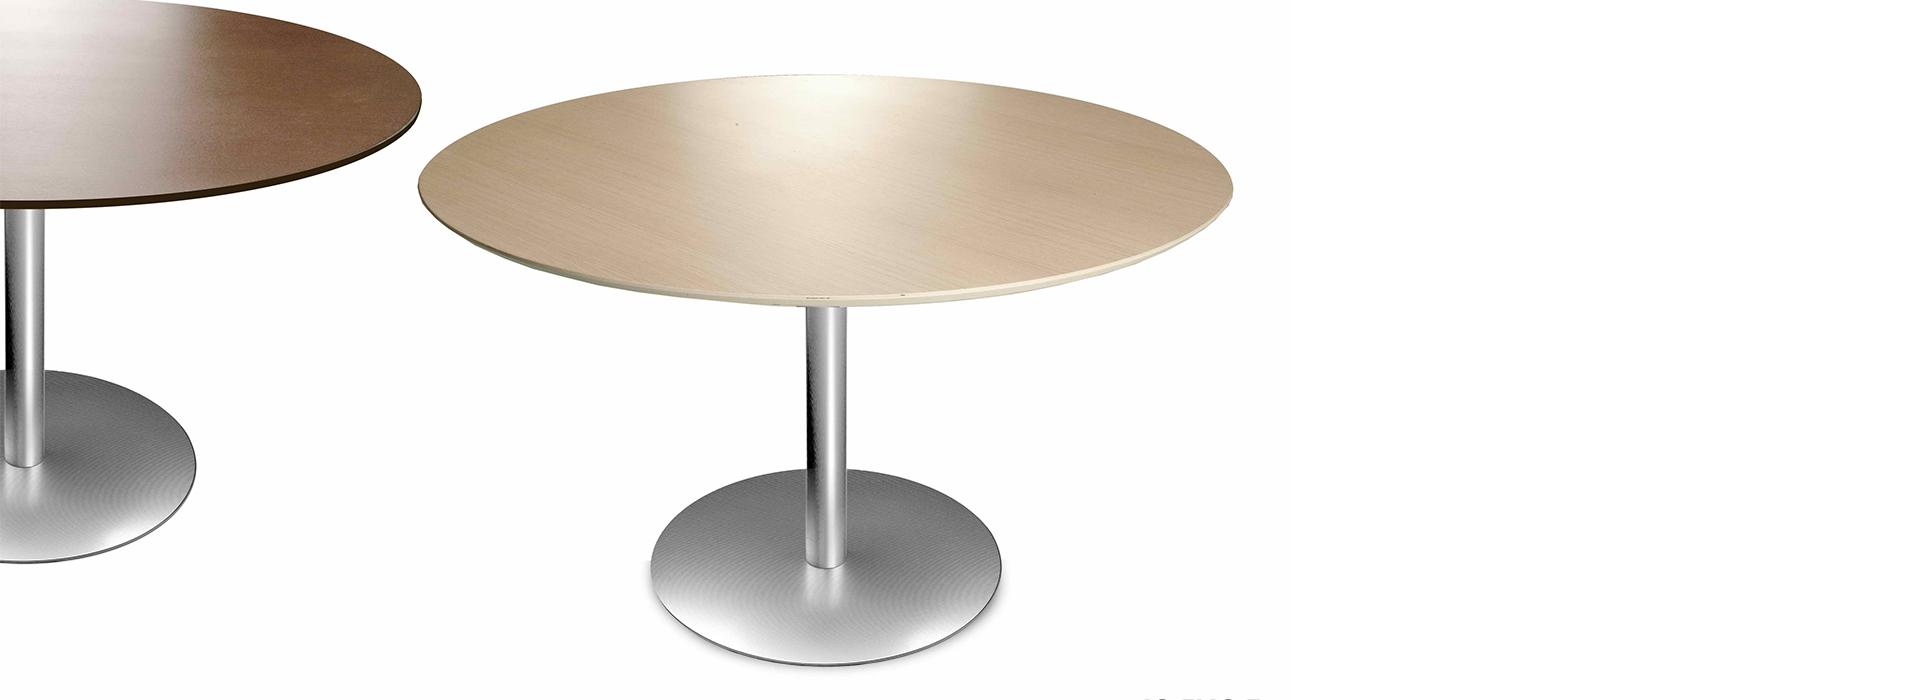 Tisch Rondo Lapalma kaufen Wollenberg Essen